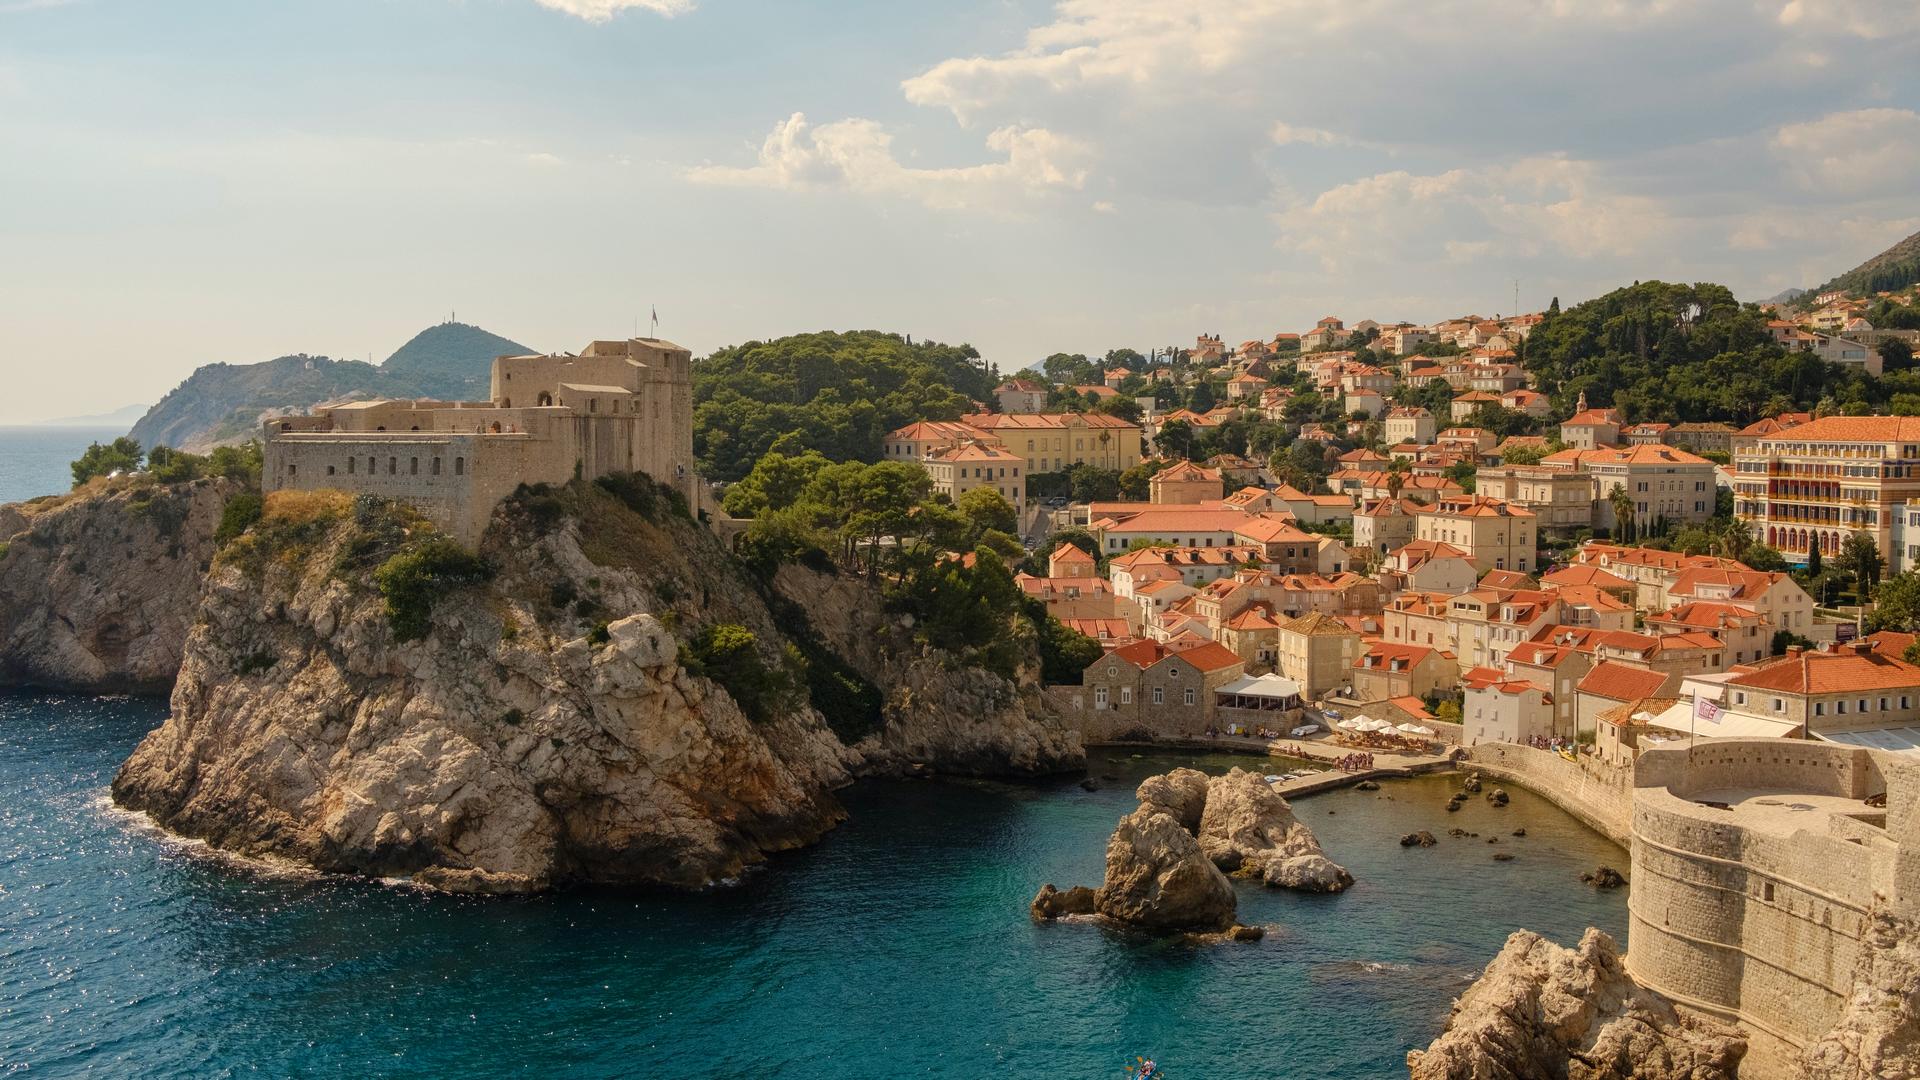 A view in Croatia